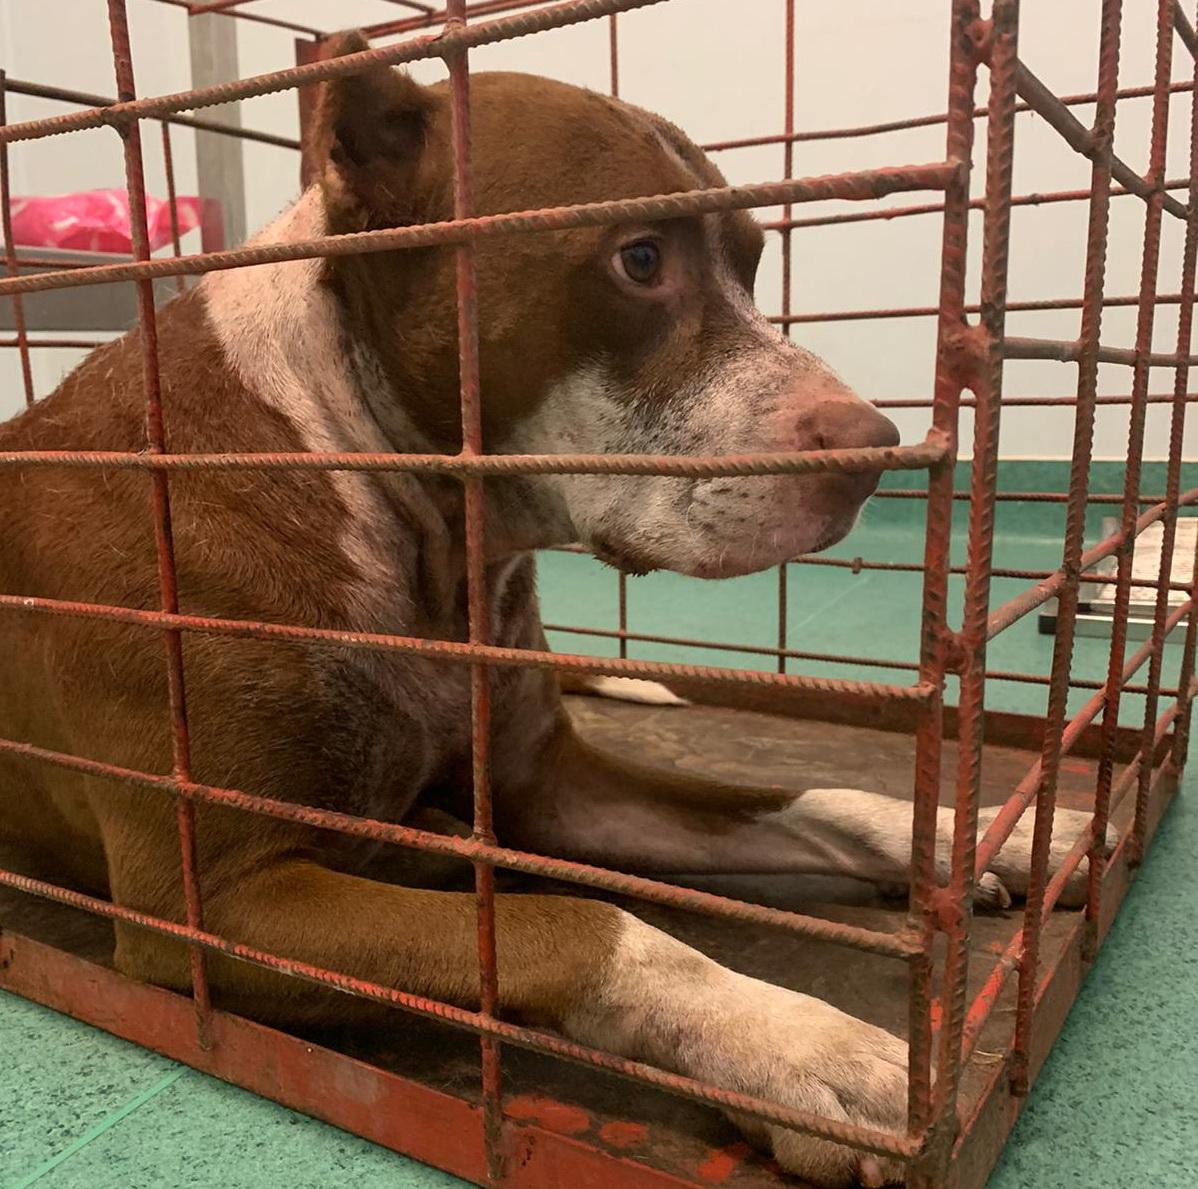 Bărbat din Adjud, transportat în stare gravă la spital după ce a fost atacat de doi câini Amstaff în propria curte